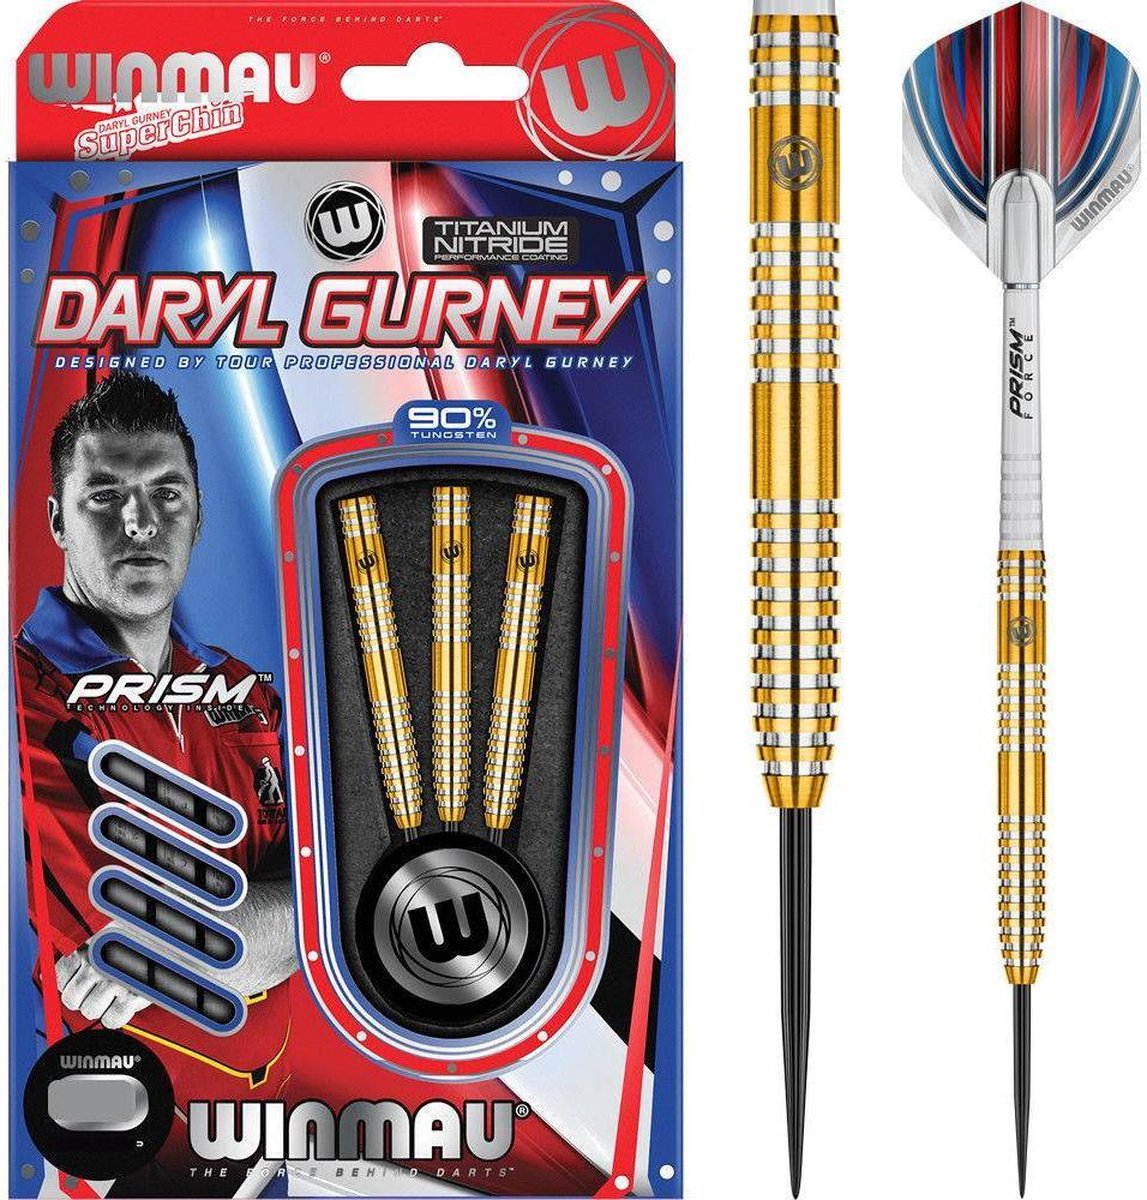 Winmau Daryl Gurney 90% - 25 Gram